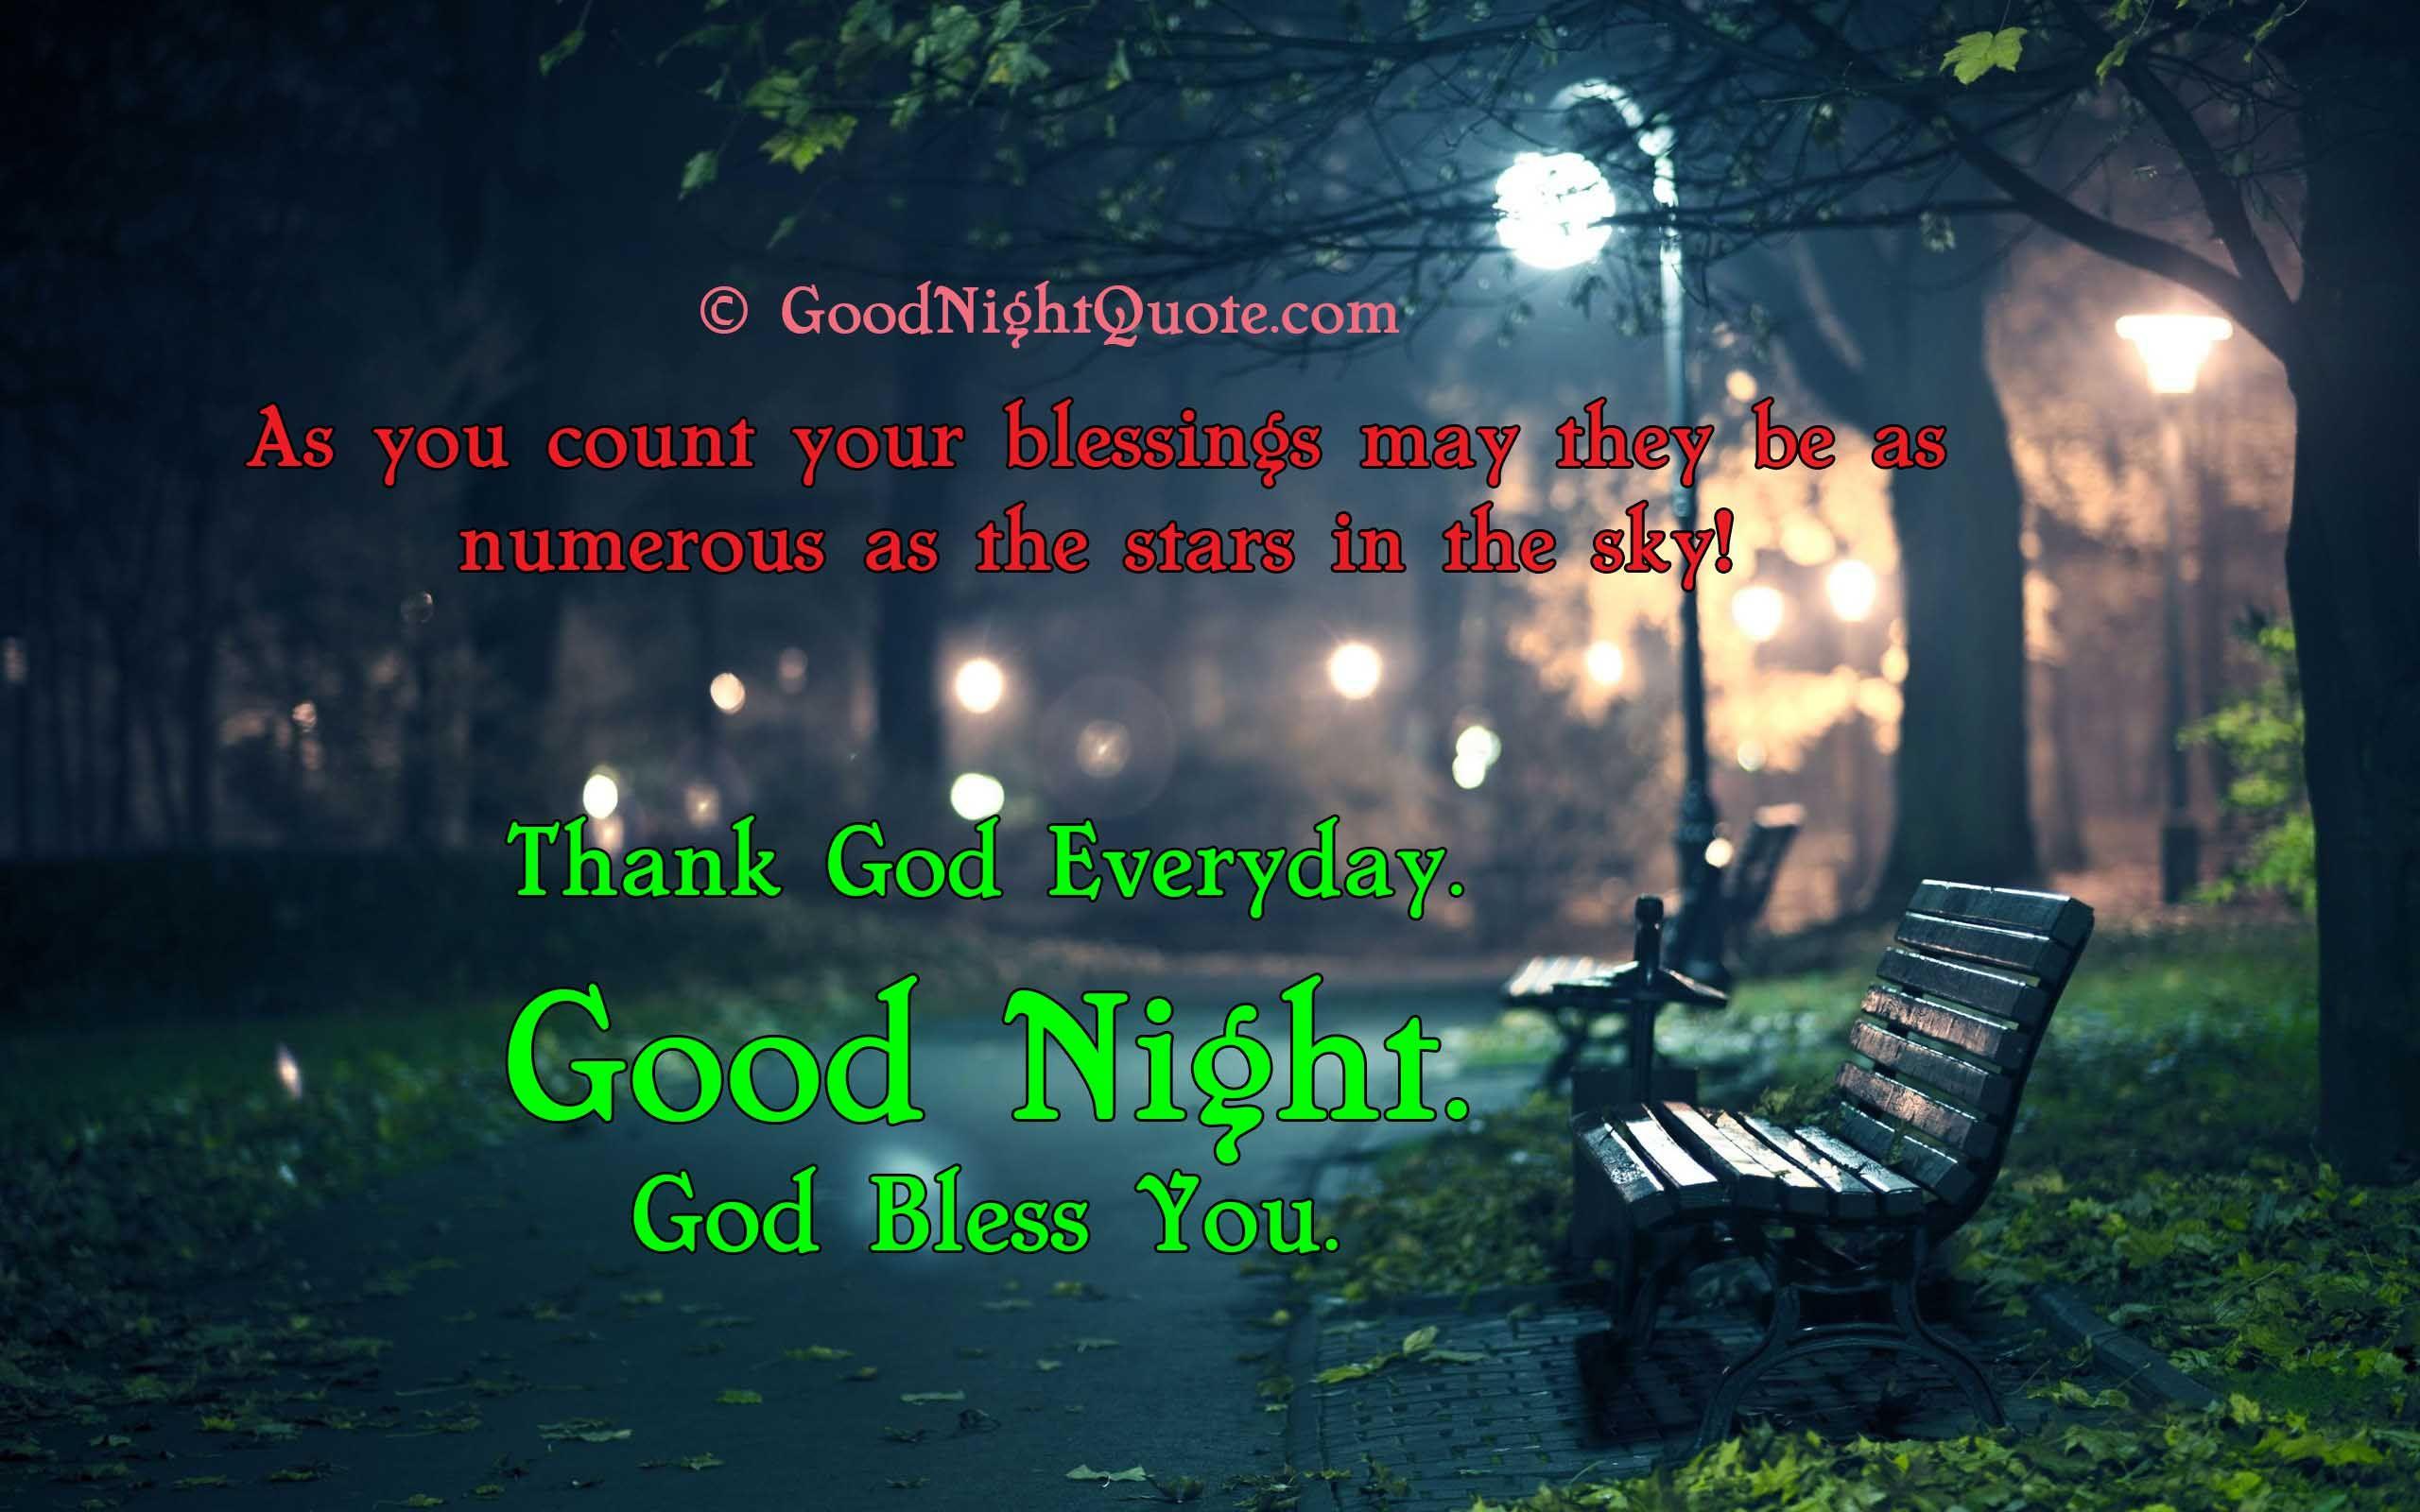 Most Inspiring Wallpaper Night God - 1c04b655a4834bb7a785668cf25824cd  HD-2651100.jpg